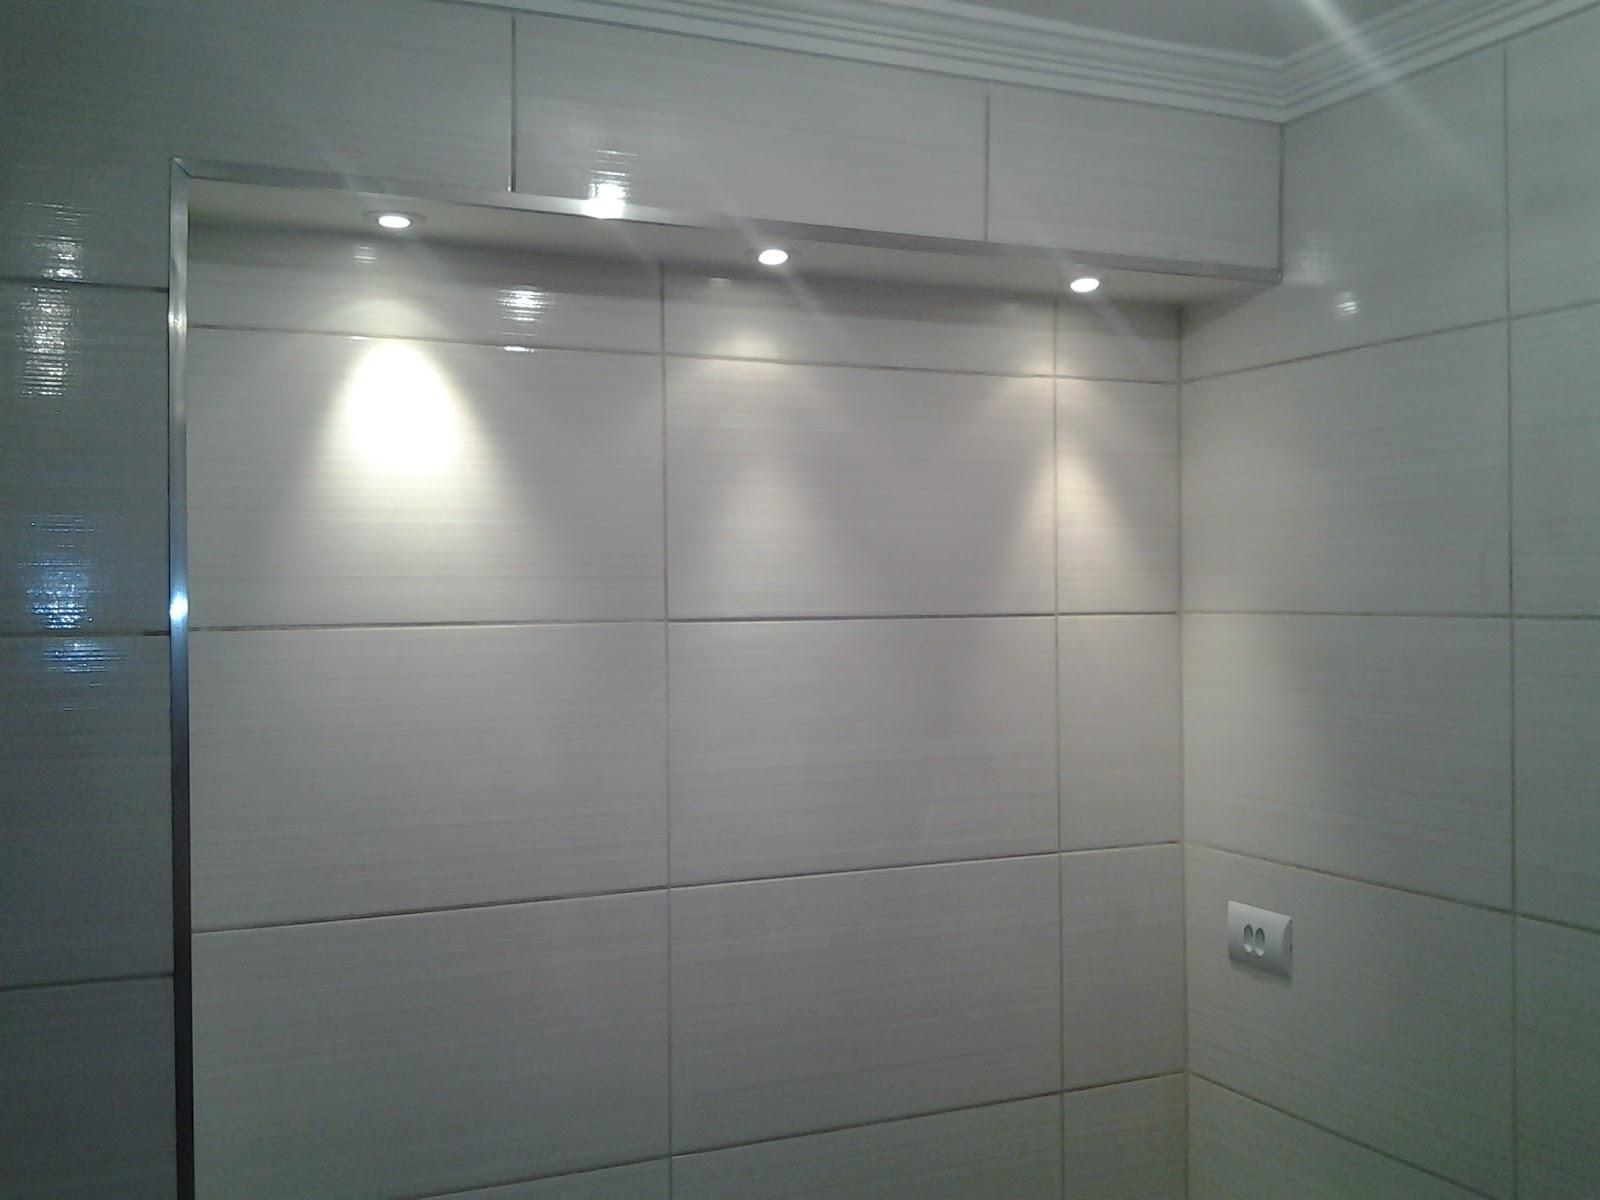 Acabamento em Banheiro com caixa de gesso para iluminação de espelho  #455258 1600 1200